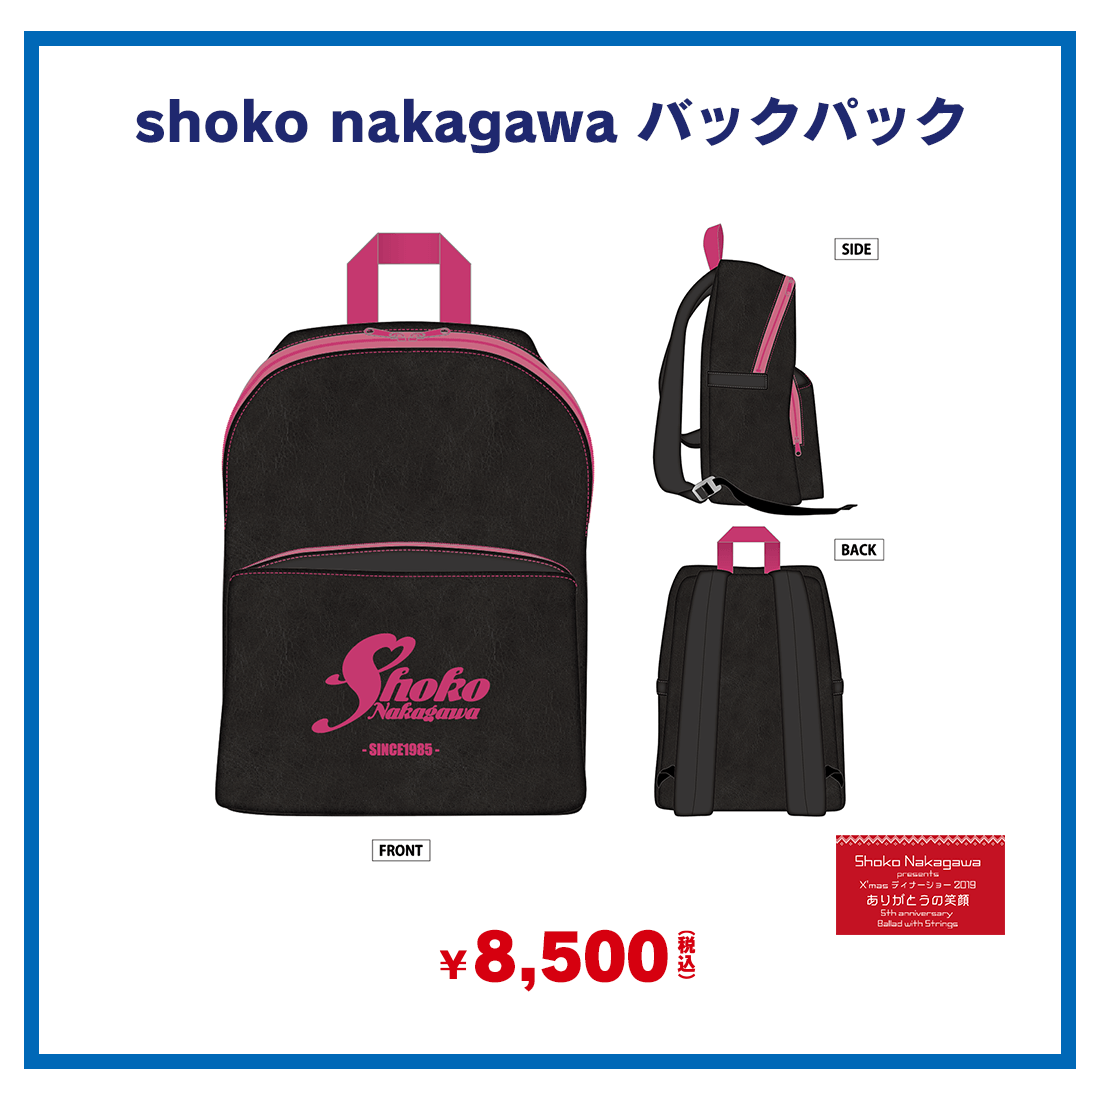 Shoko Nakagawa バックパック